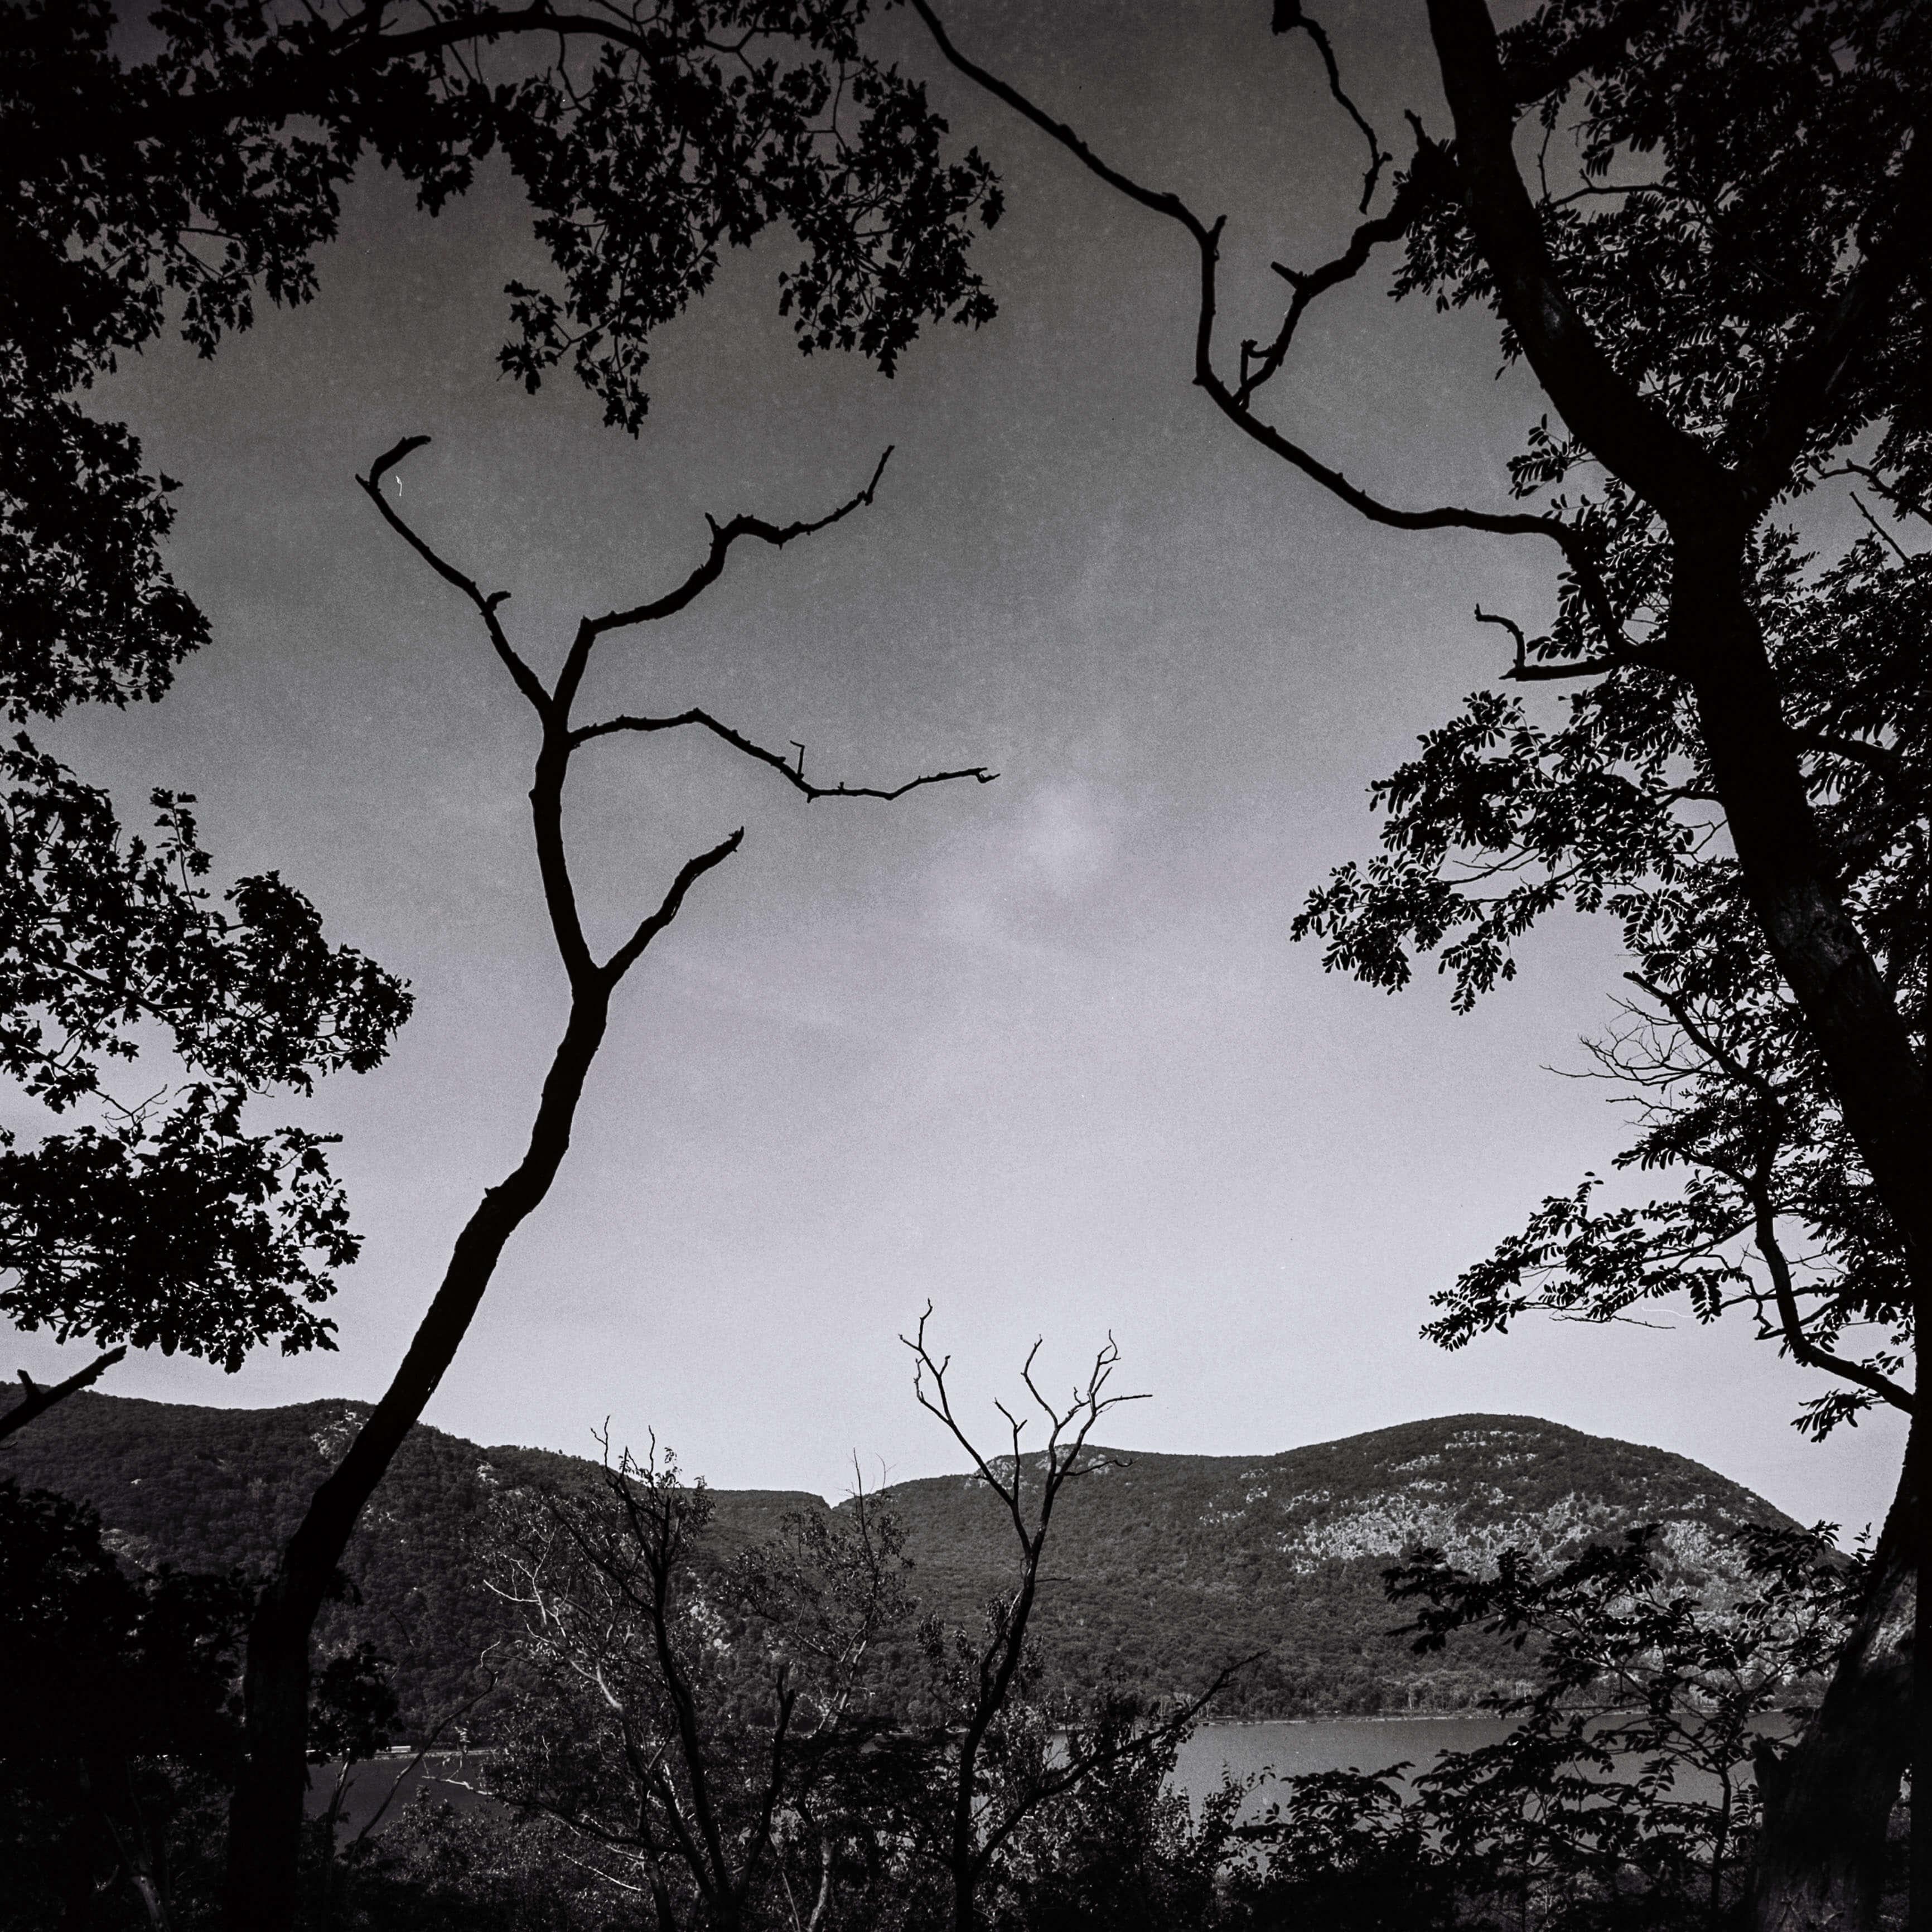 Gastelum 6x6 Film